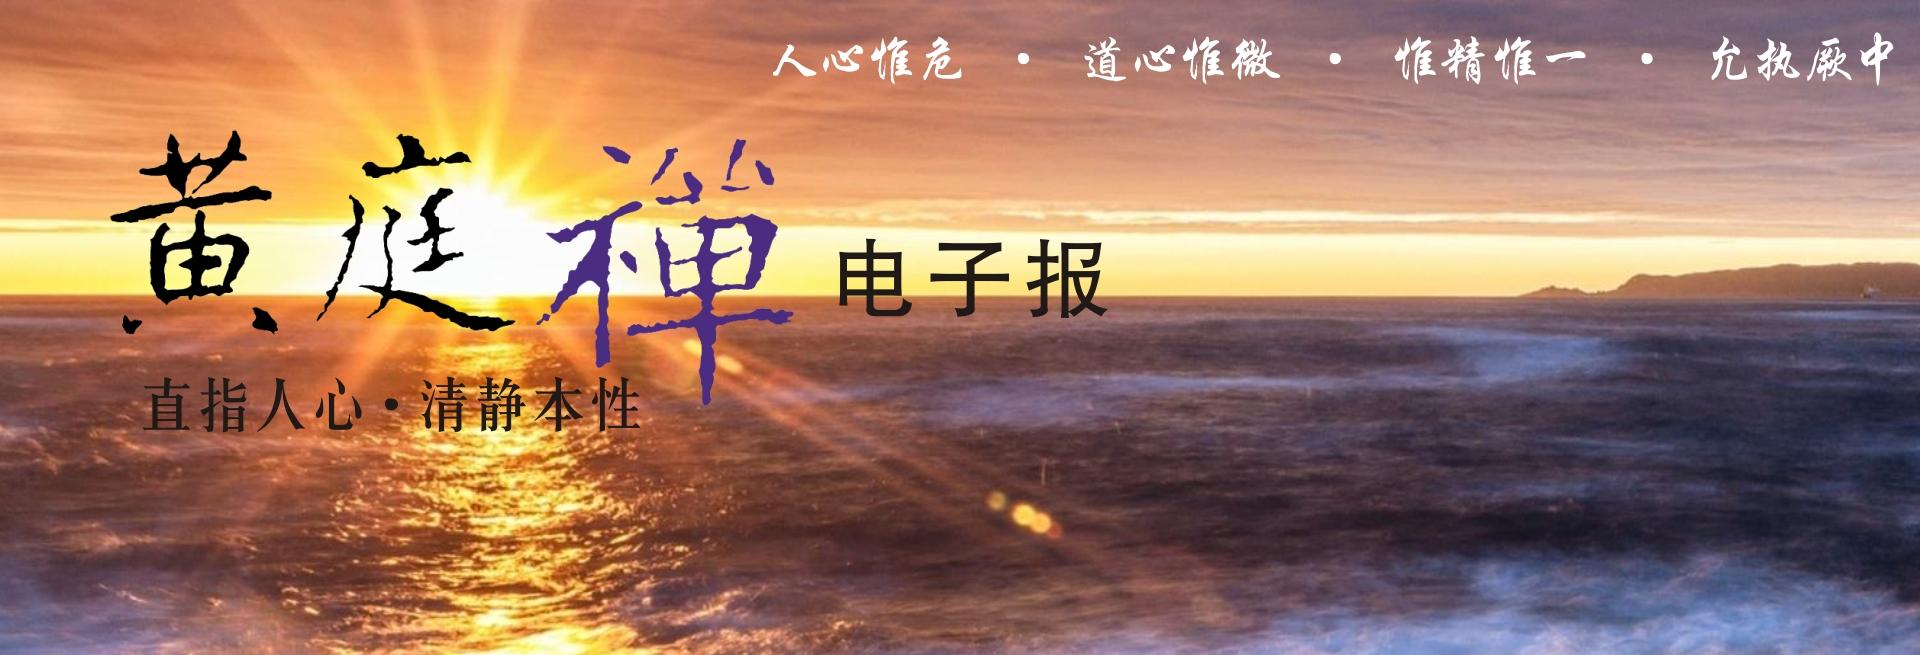 中华黄庭禅学会2020.09.21电子报